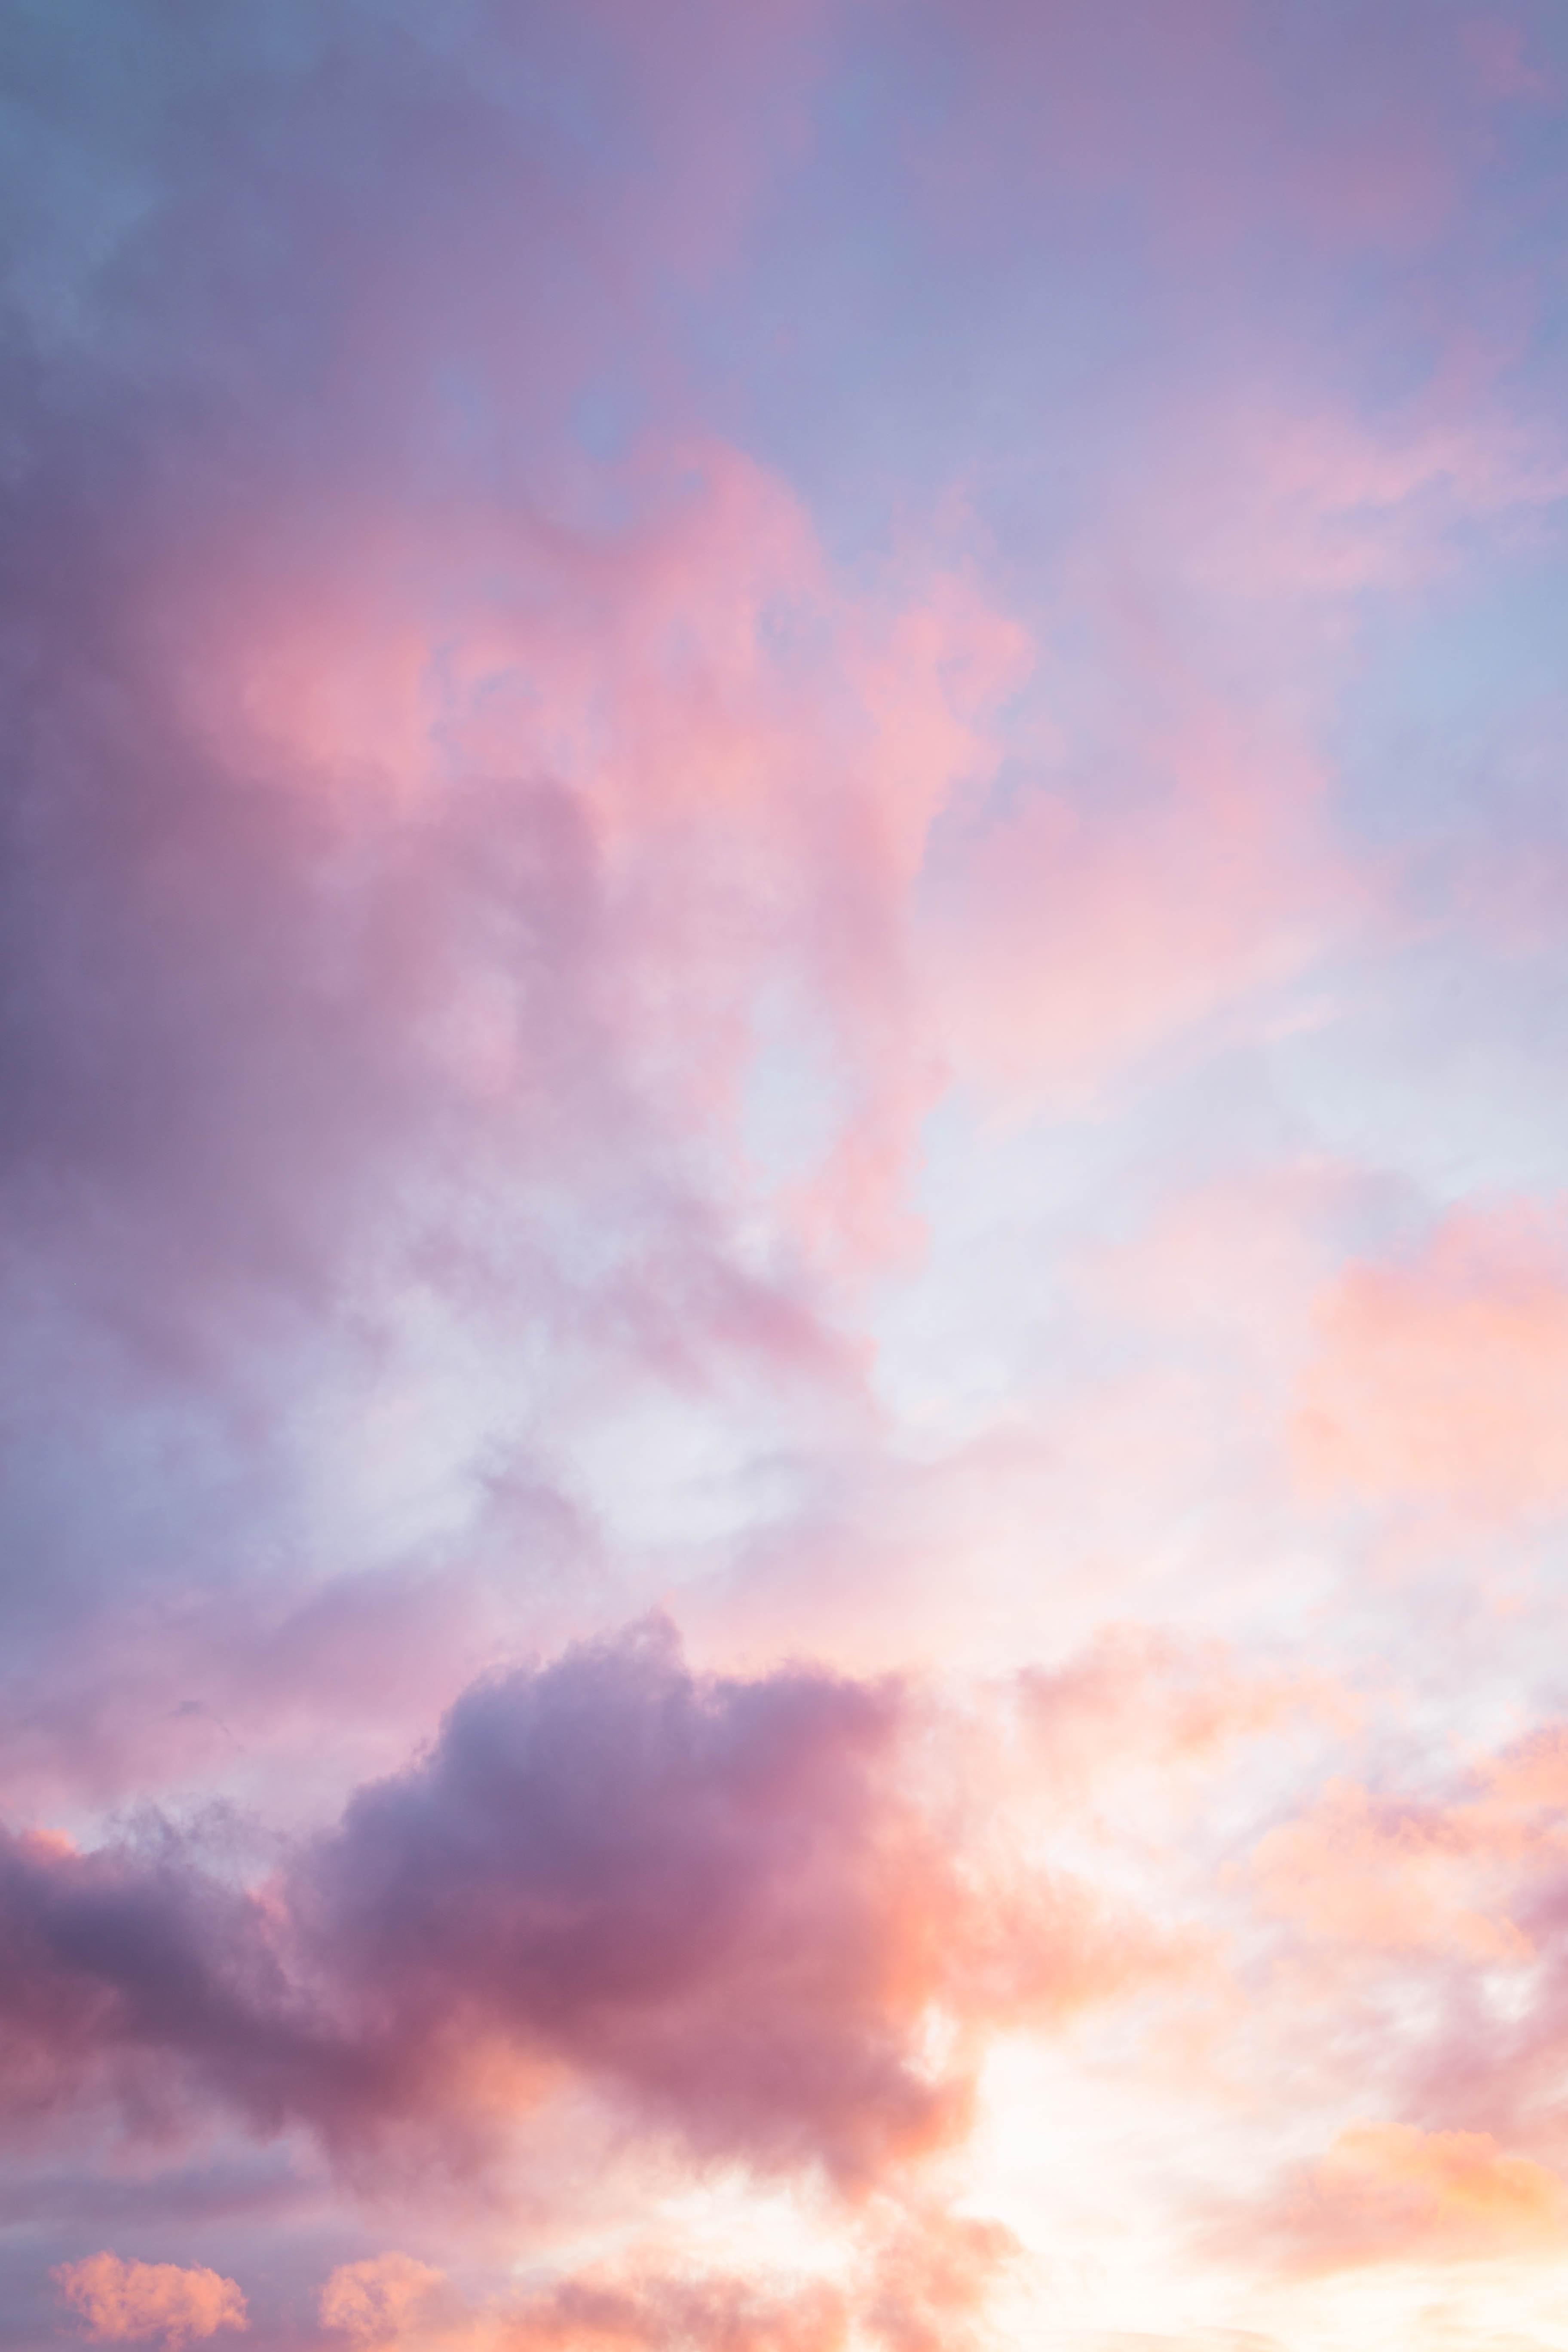 免費壁紙73573:性质, 云, 日落, 天空, 粉色的, 粉色, 黄昏, 晚上 下載手機圖片